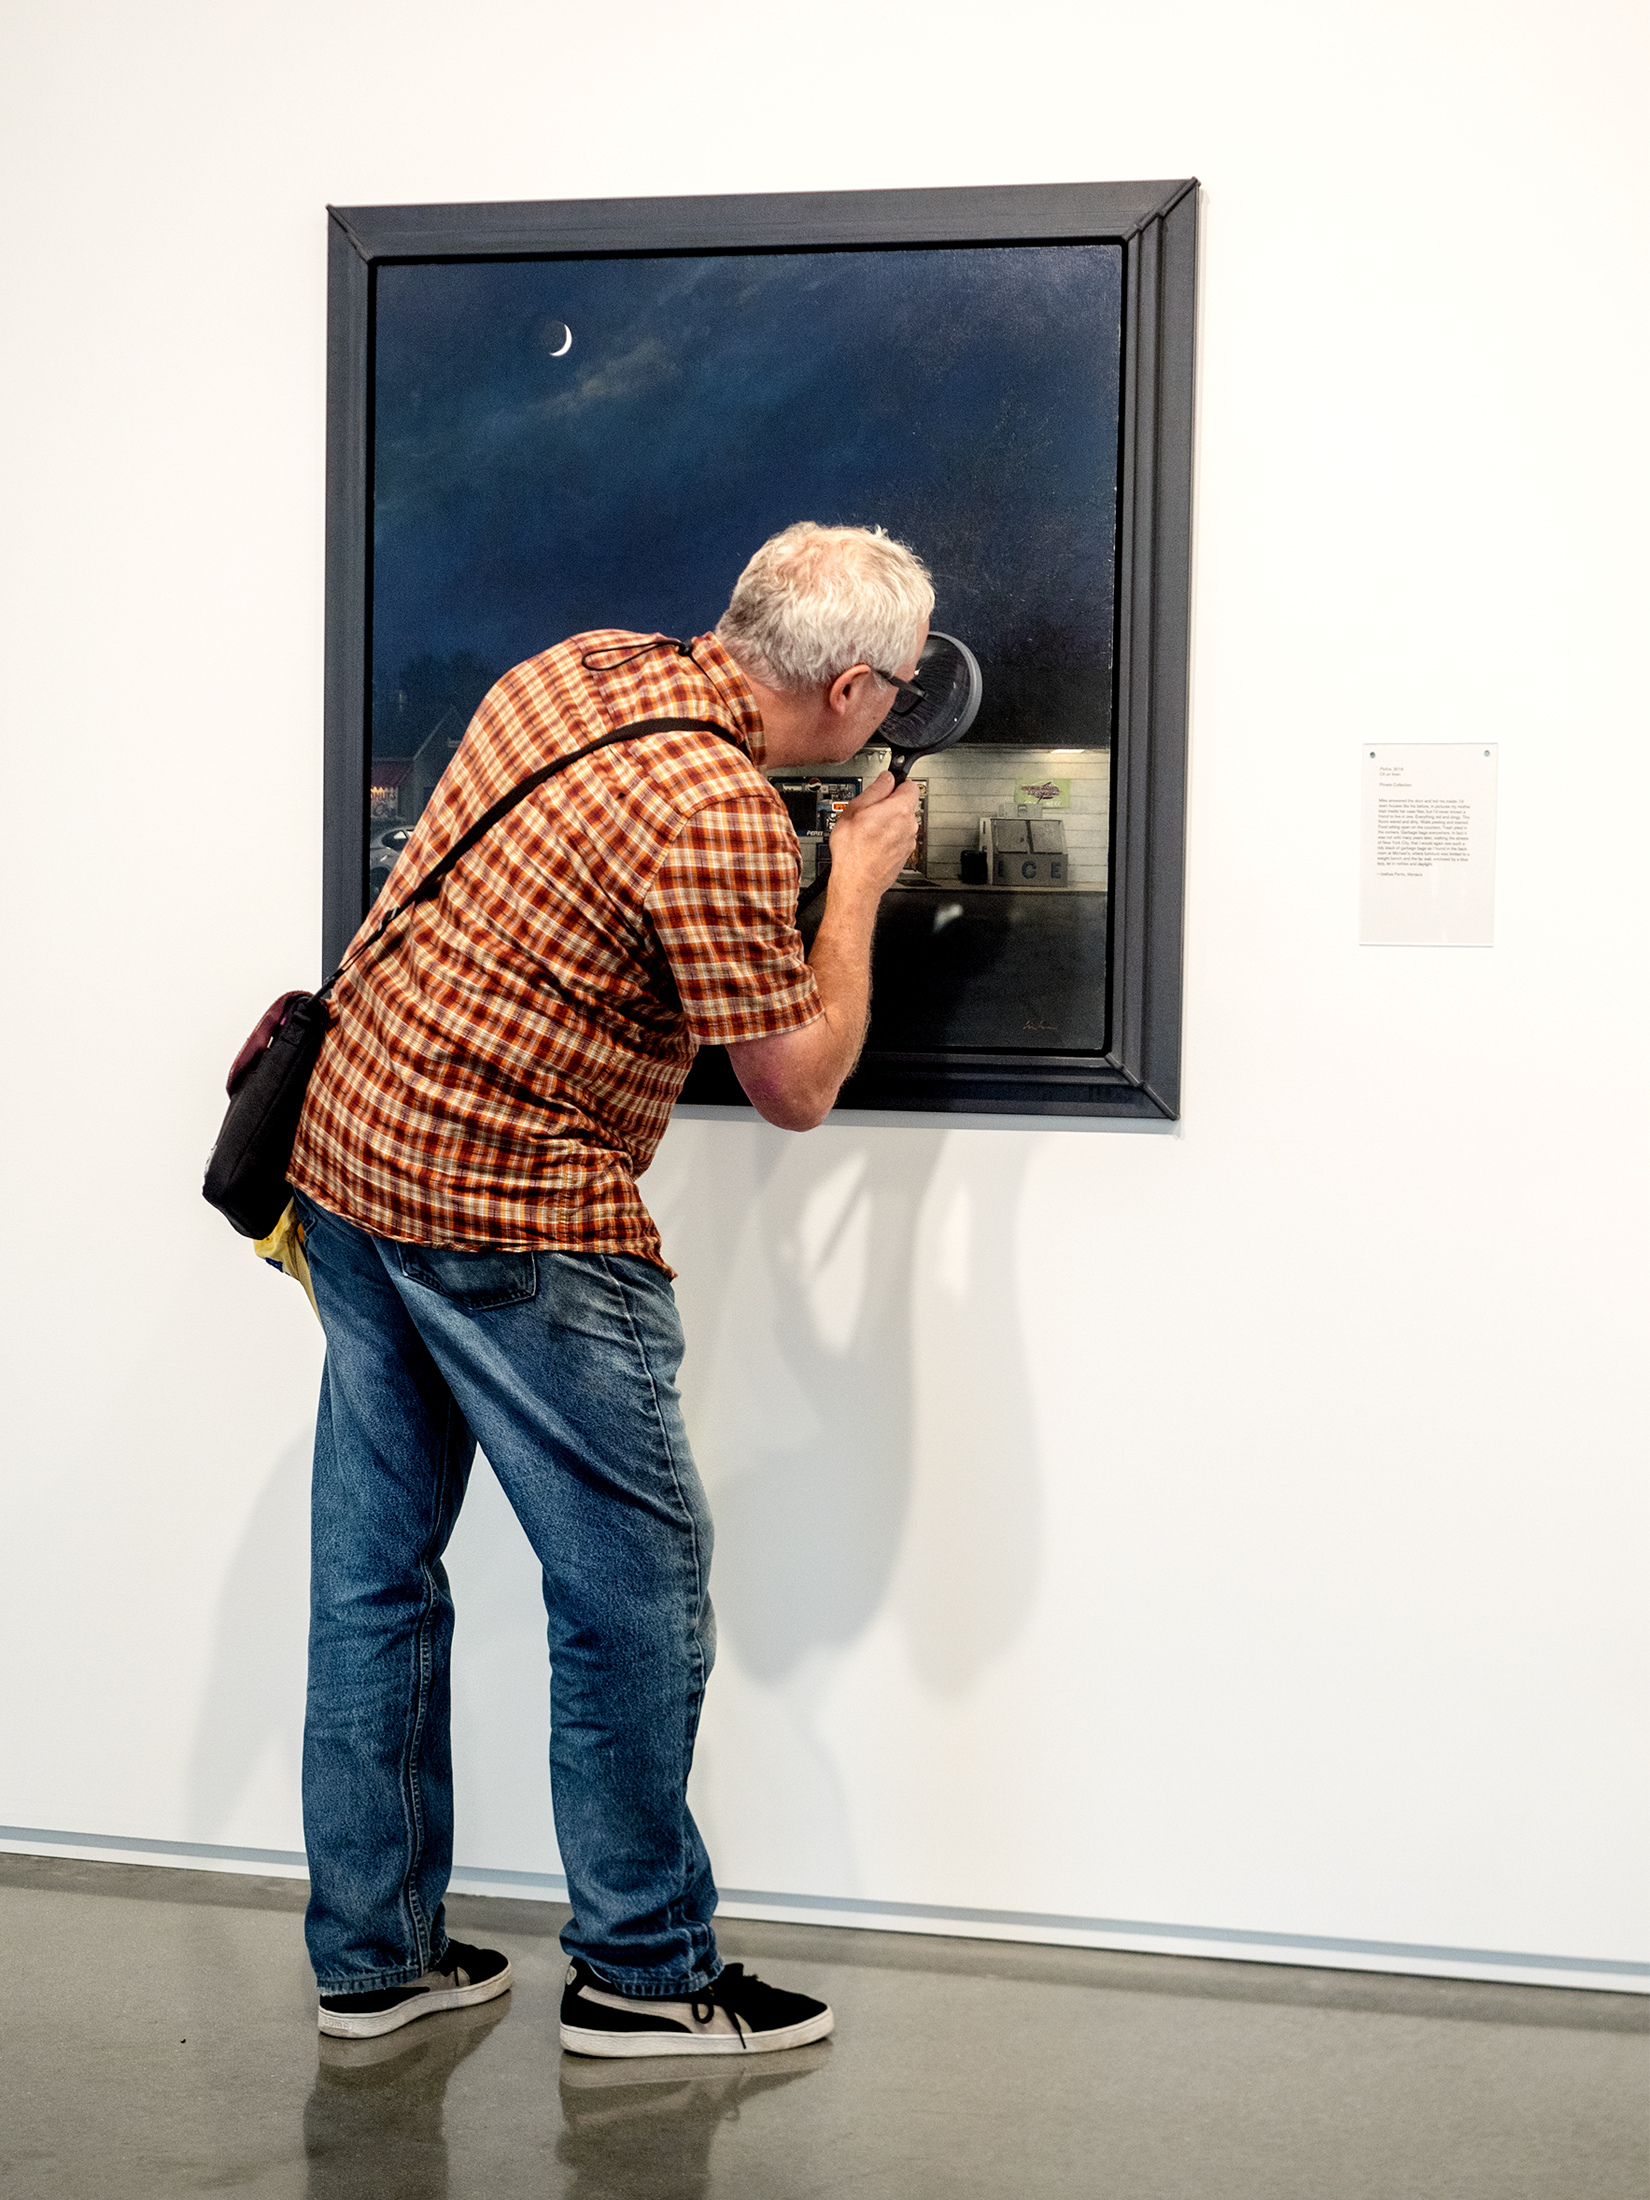 PEOPLE LOOKING AT ART 012.jpg